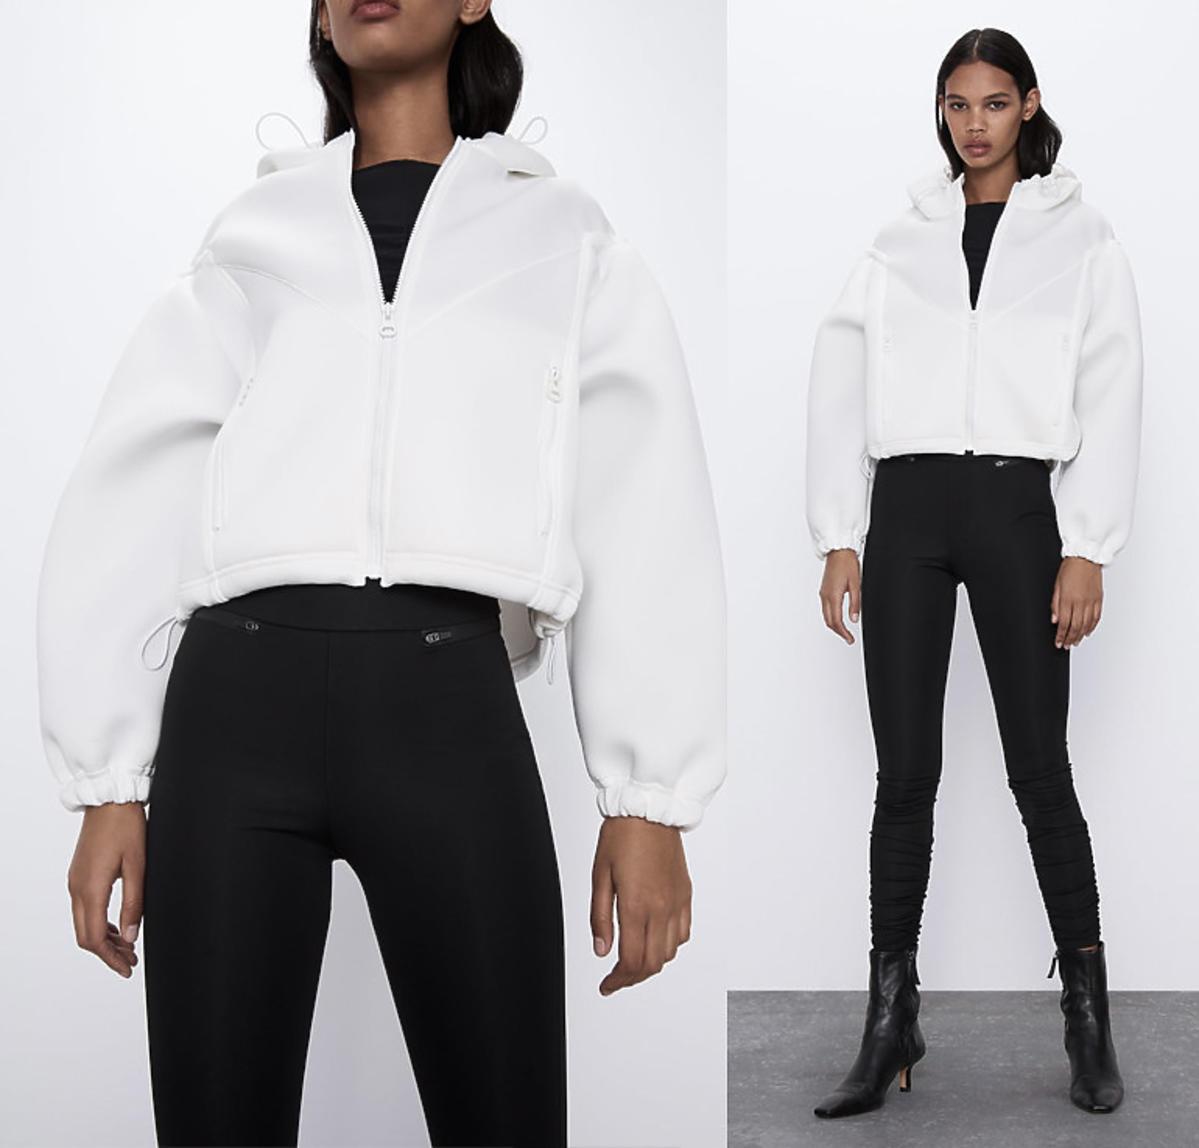 Biała kurtka w stylu neopranowym z bufiastymi rękawami, Zara, 139 zł